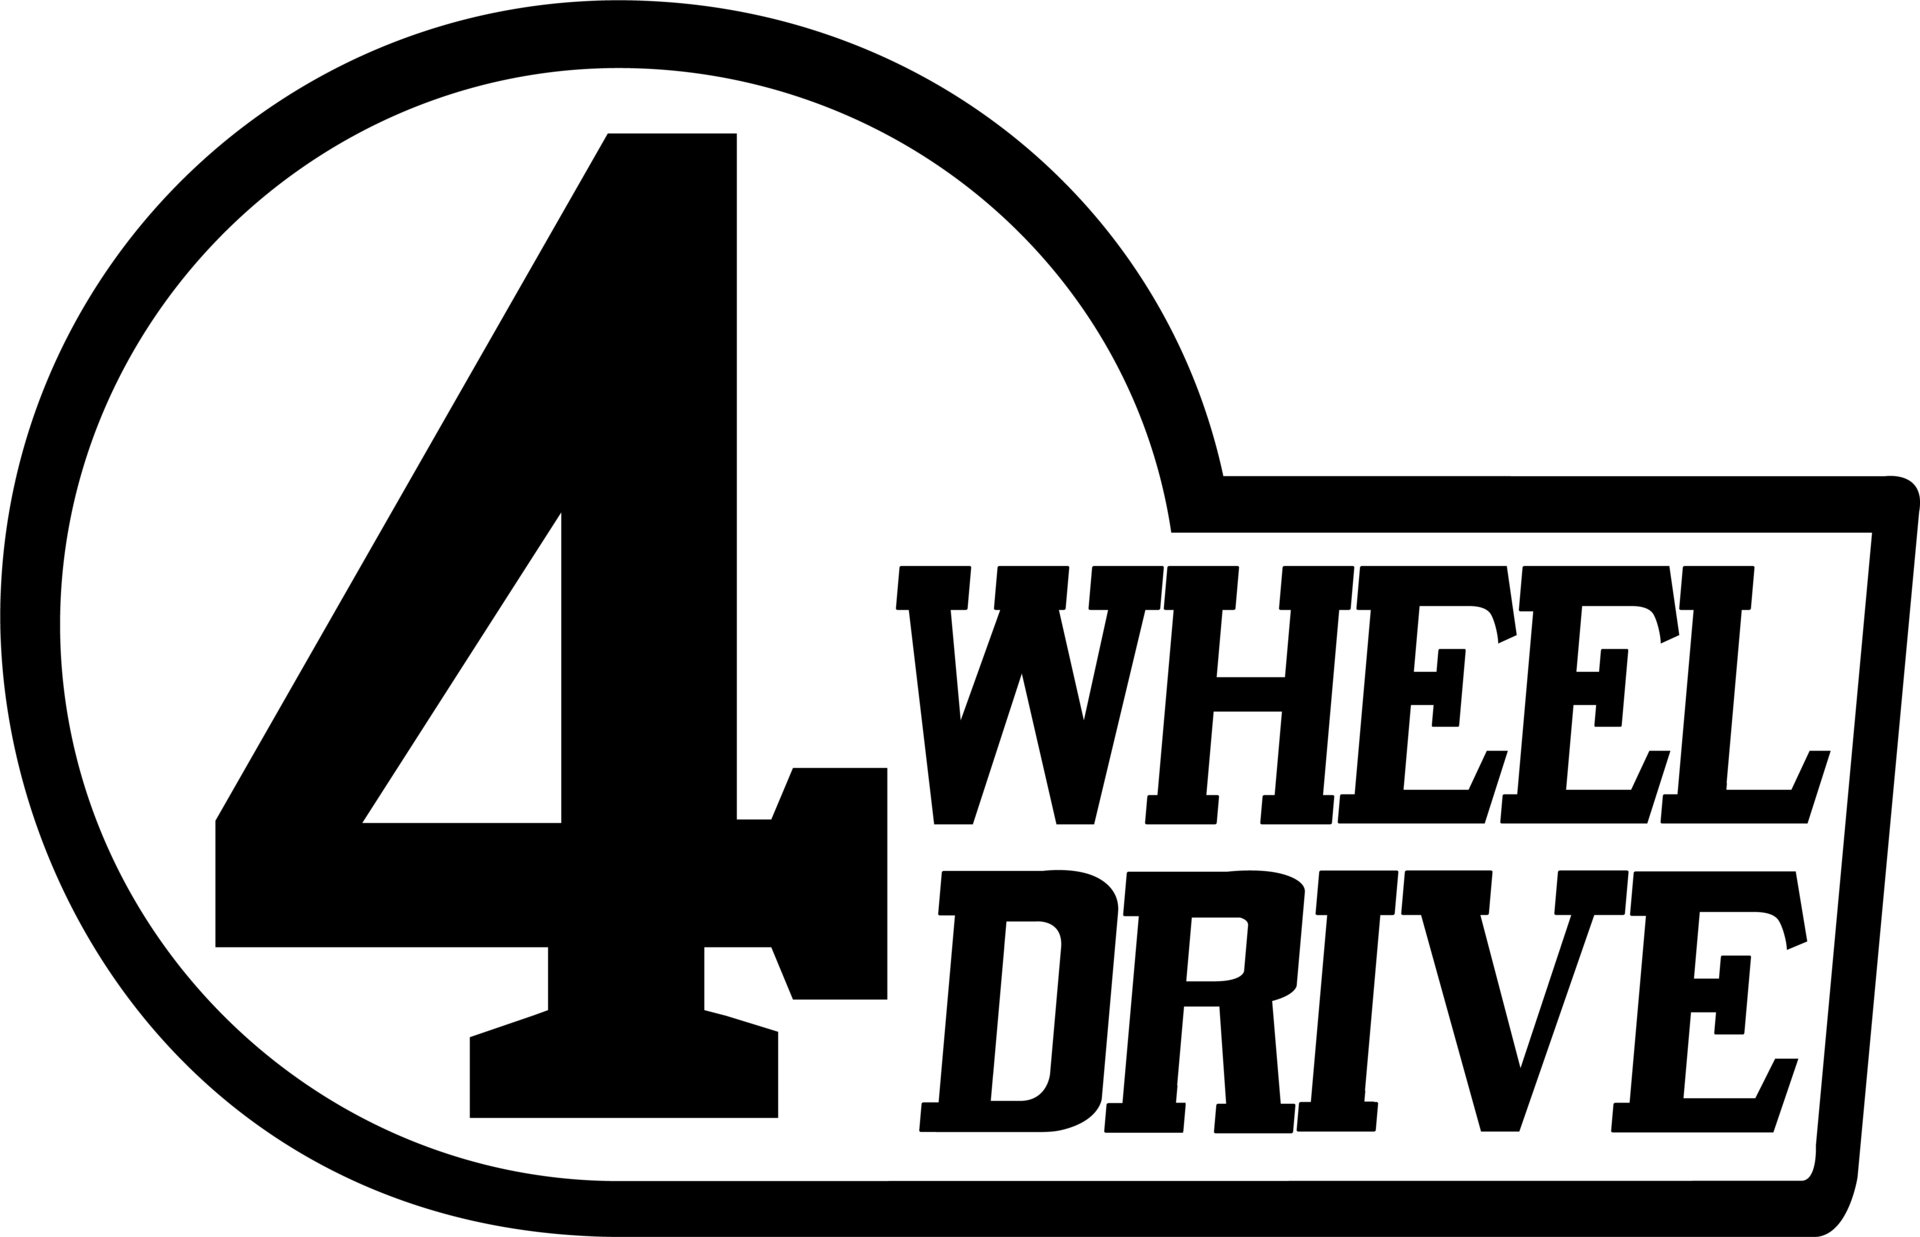 4 wheel drive lc.jpg